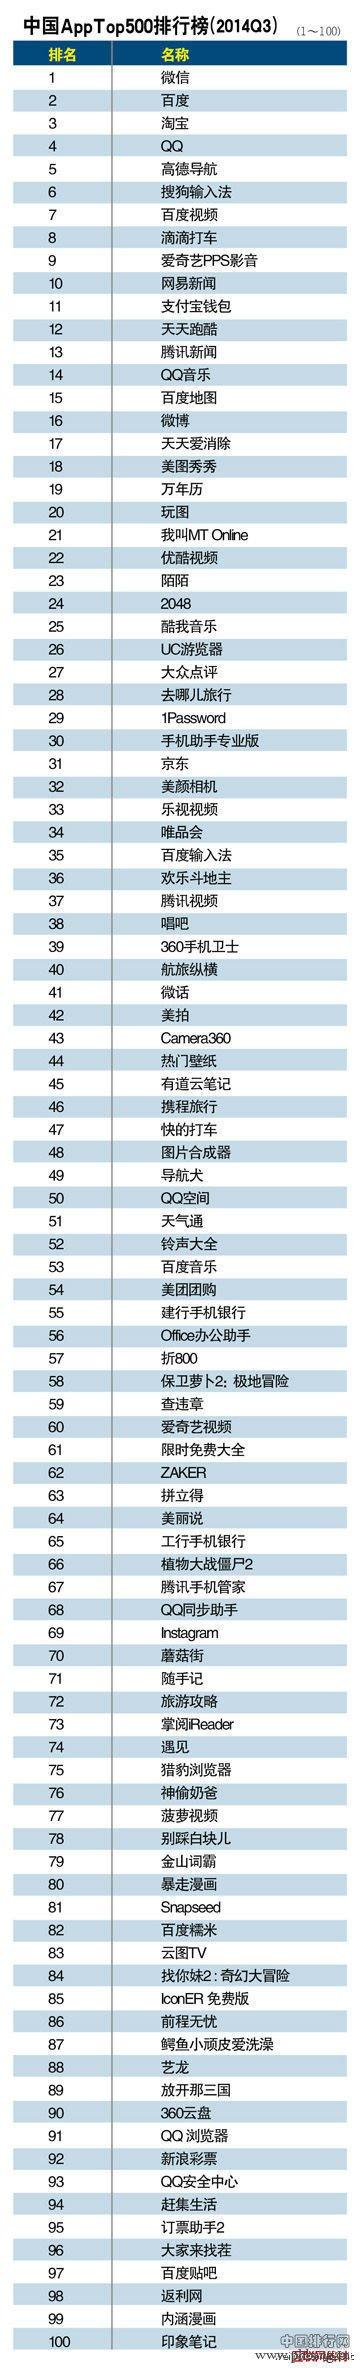 2014中国App排行榜Top500排名